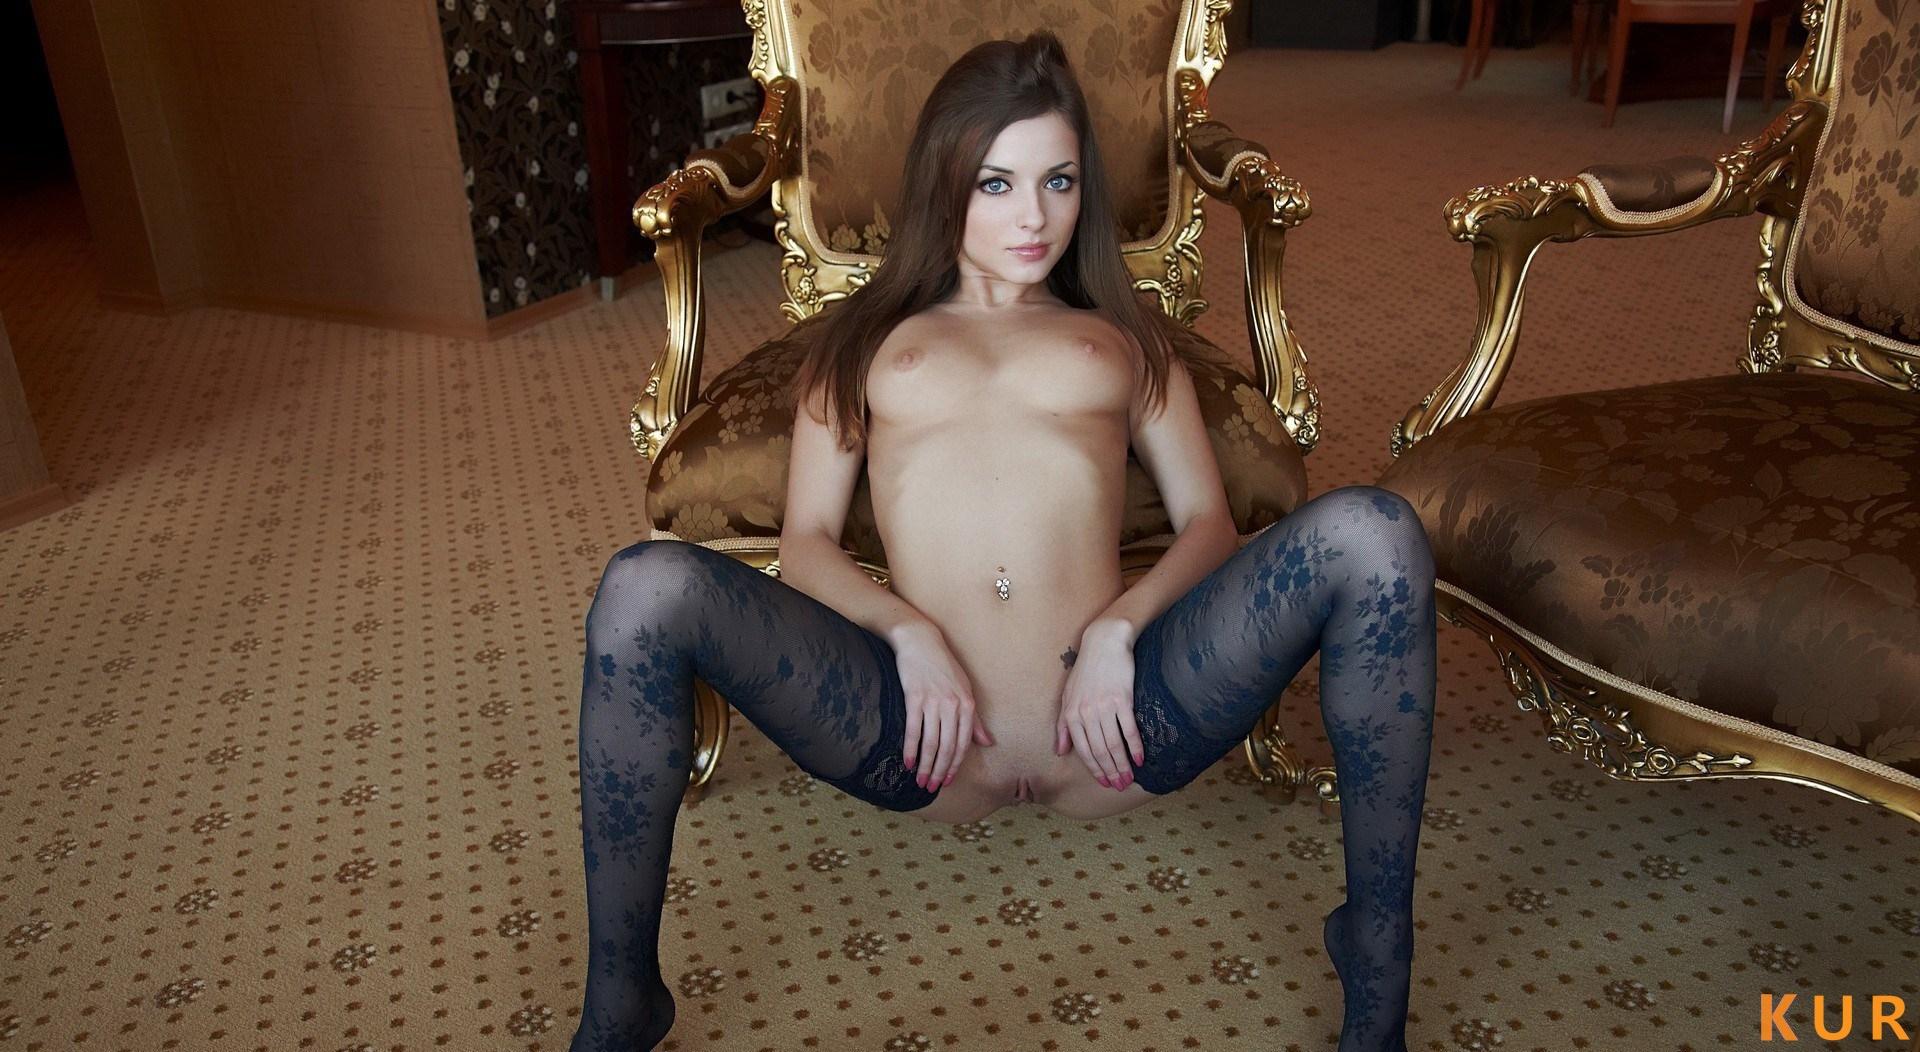 Poza Erotica #3228 - Dimensiune completa